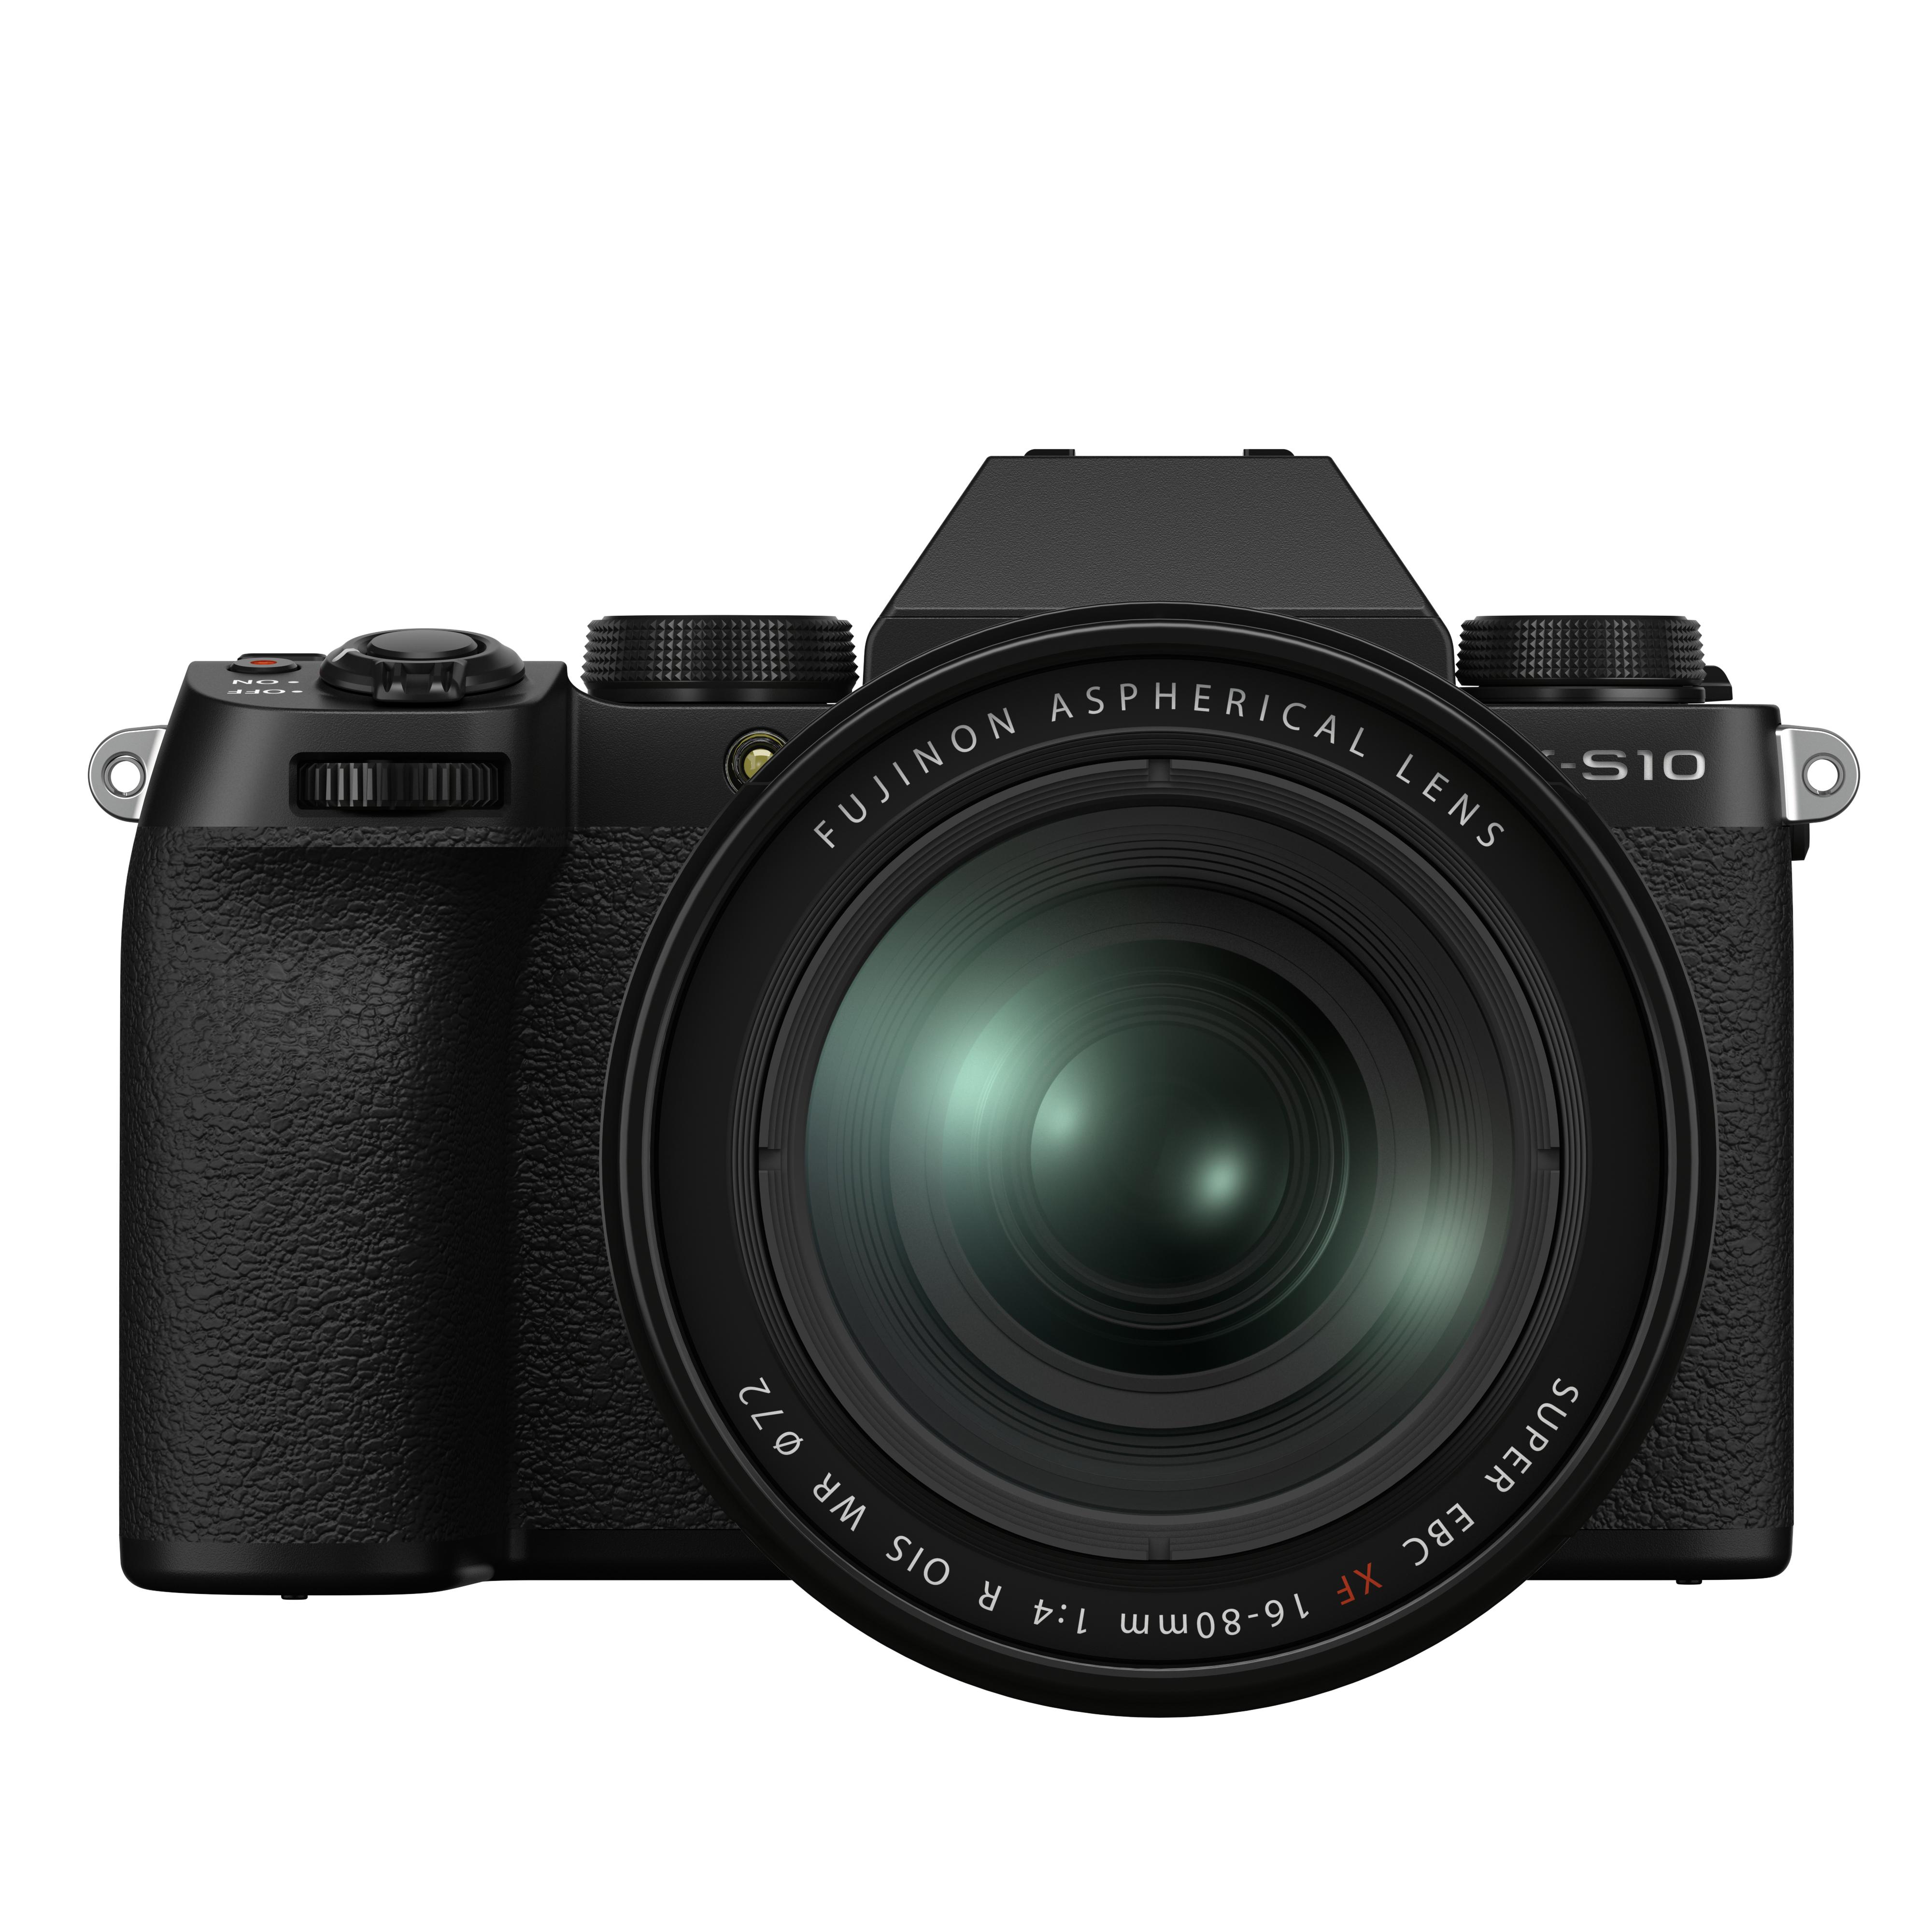 Fujifilm X-S 10 Kit mit 16-80 mm 1:4,0